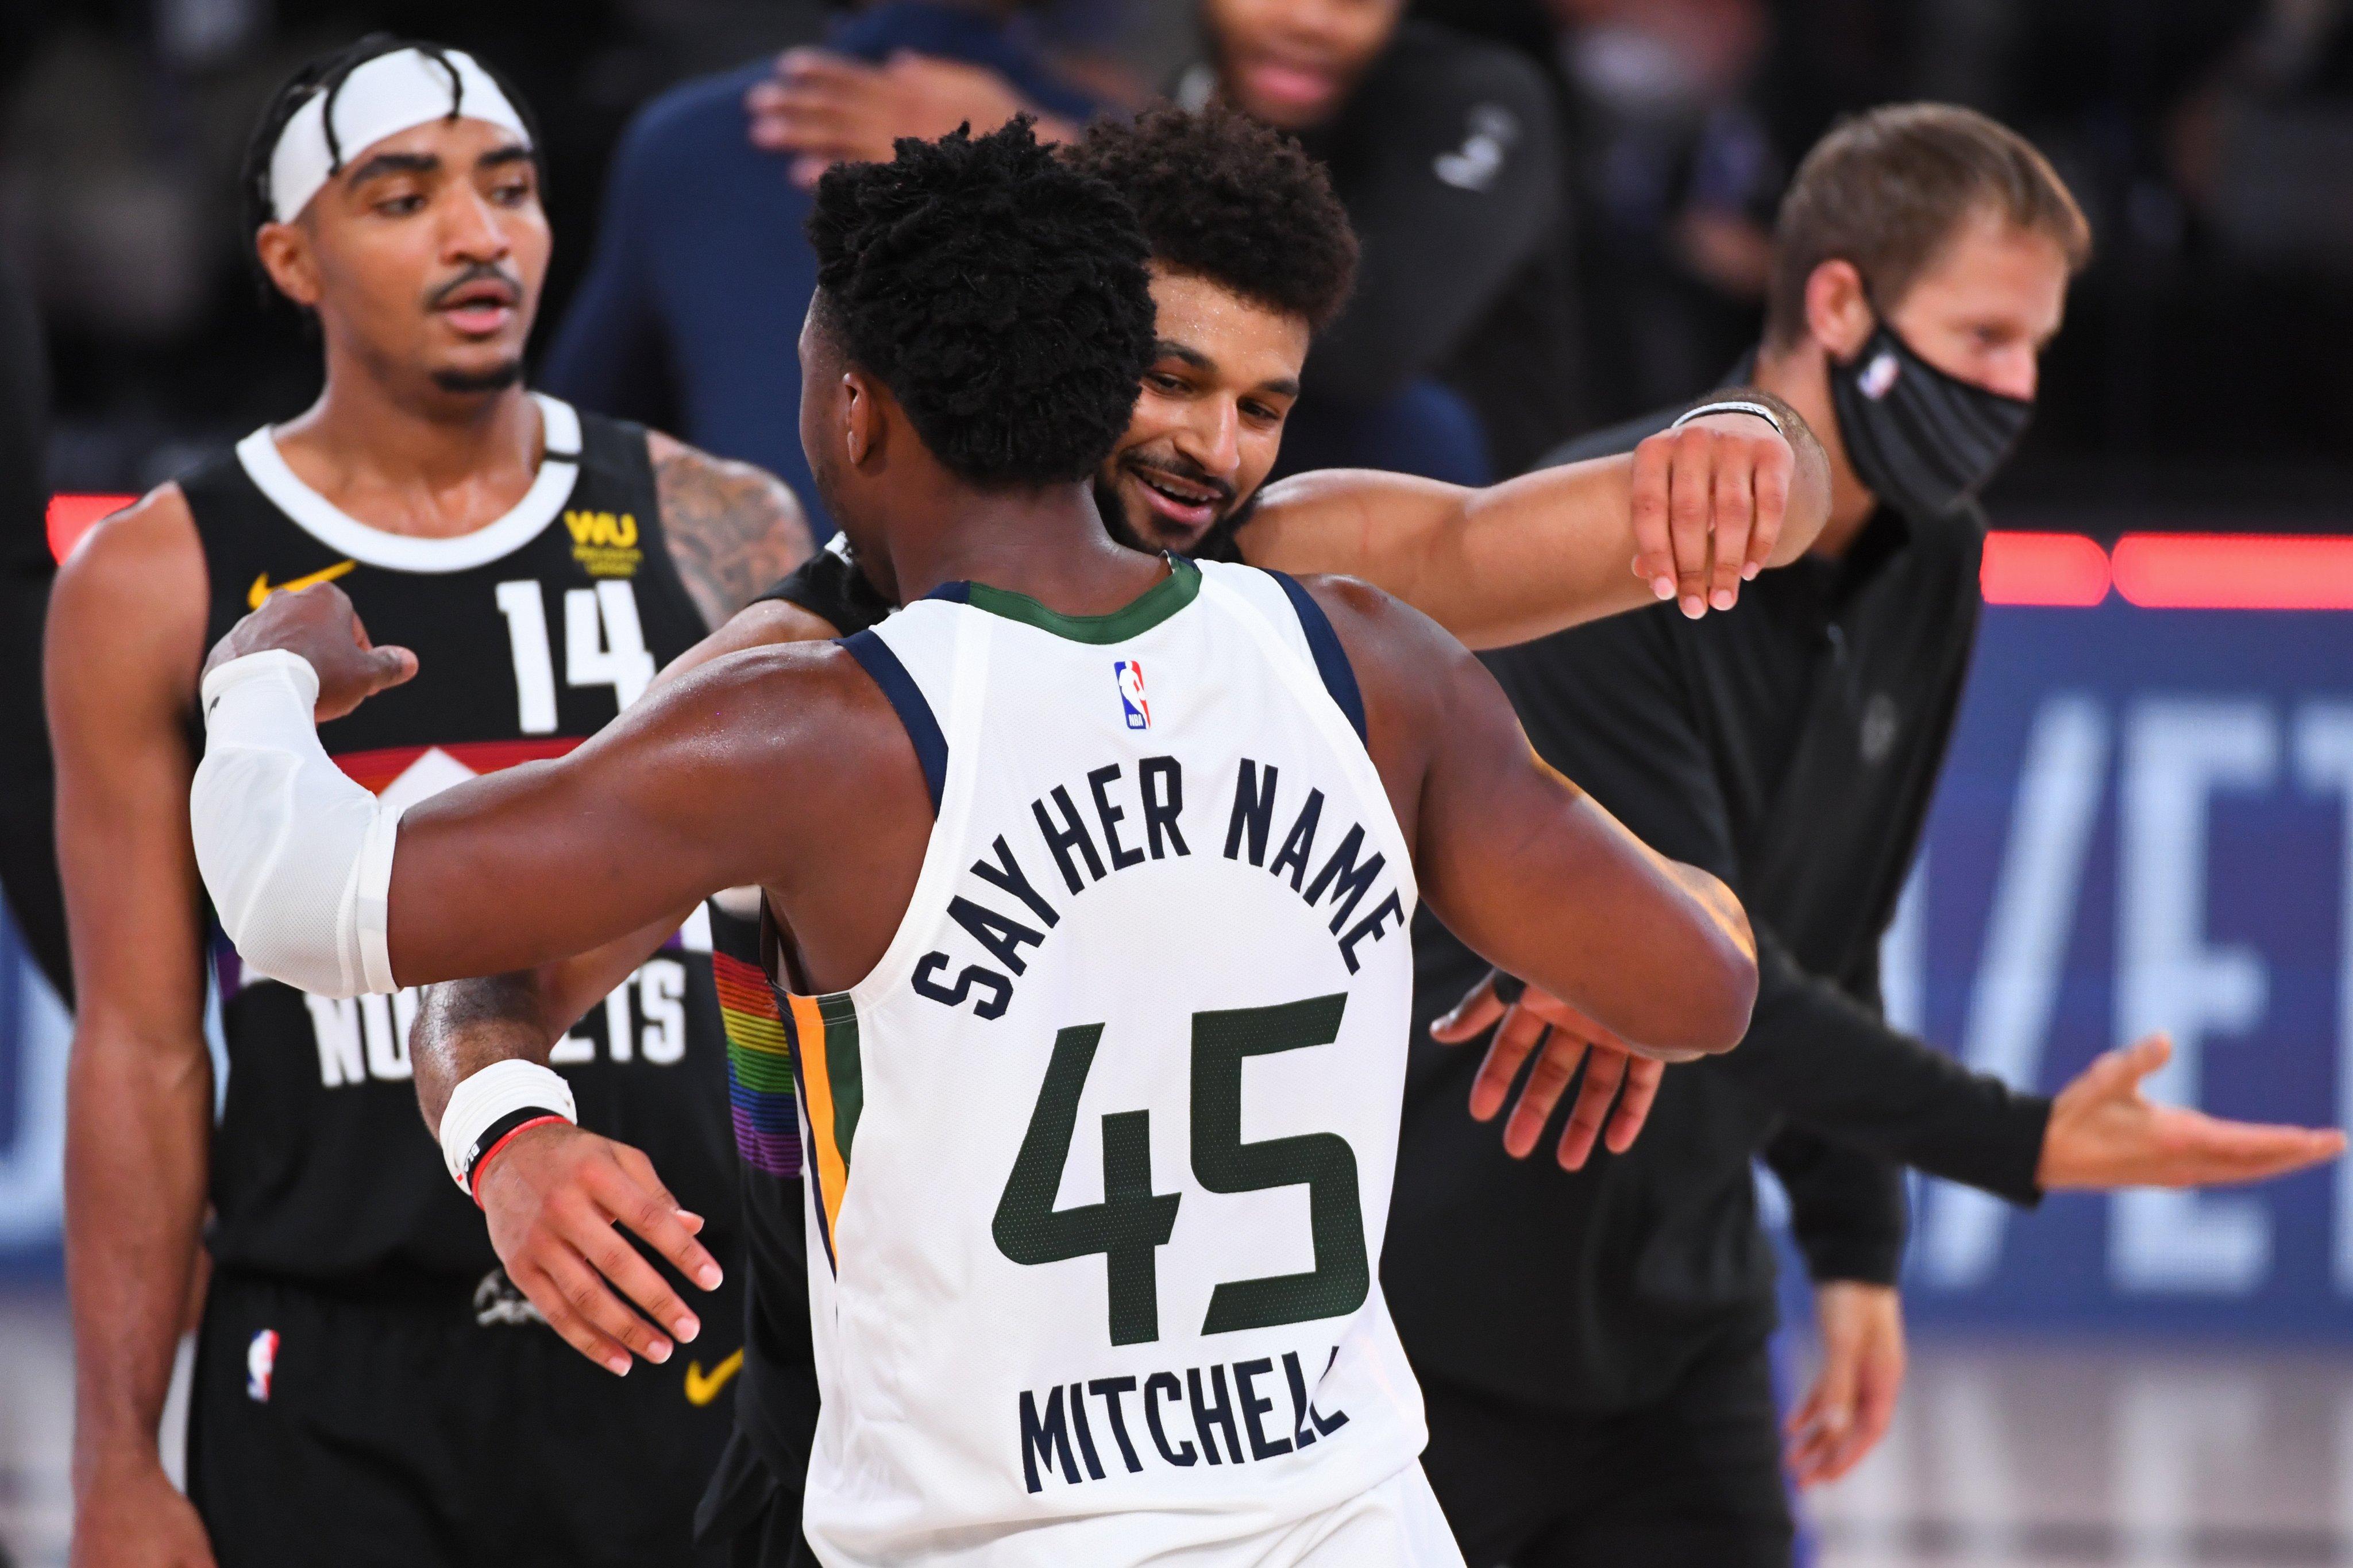 Todo se encamina para un rápido regreso de la NBA